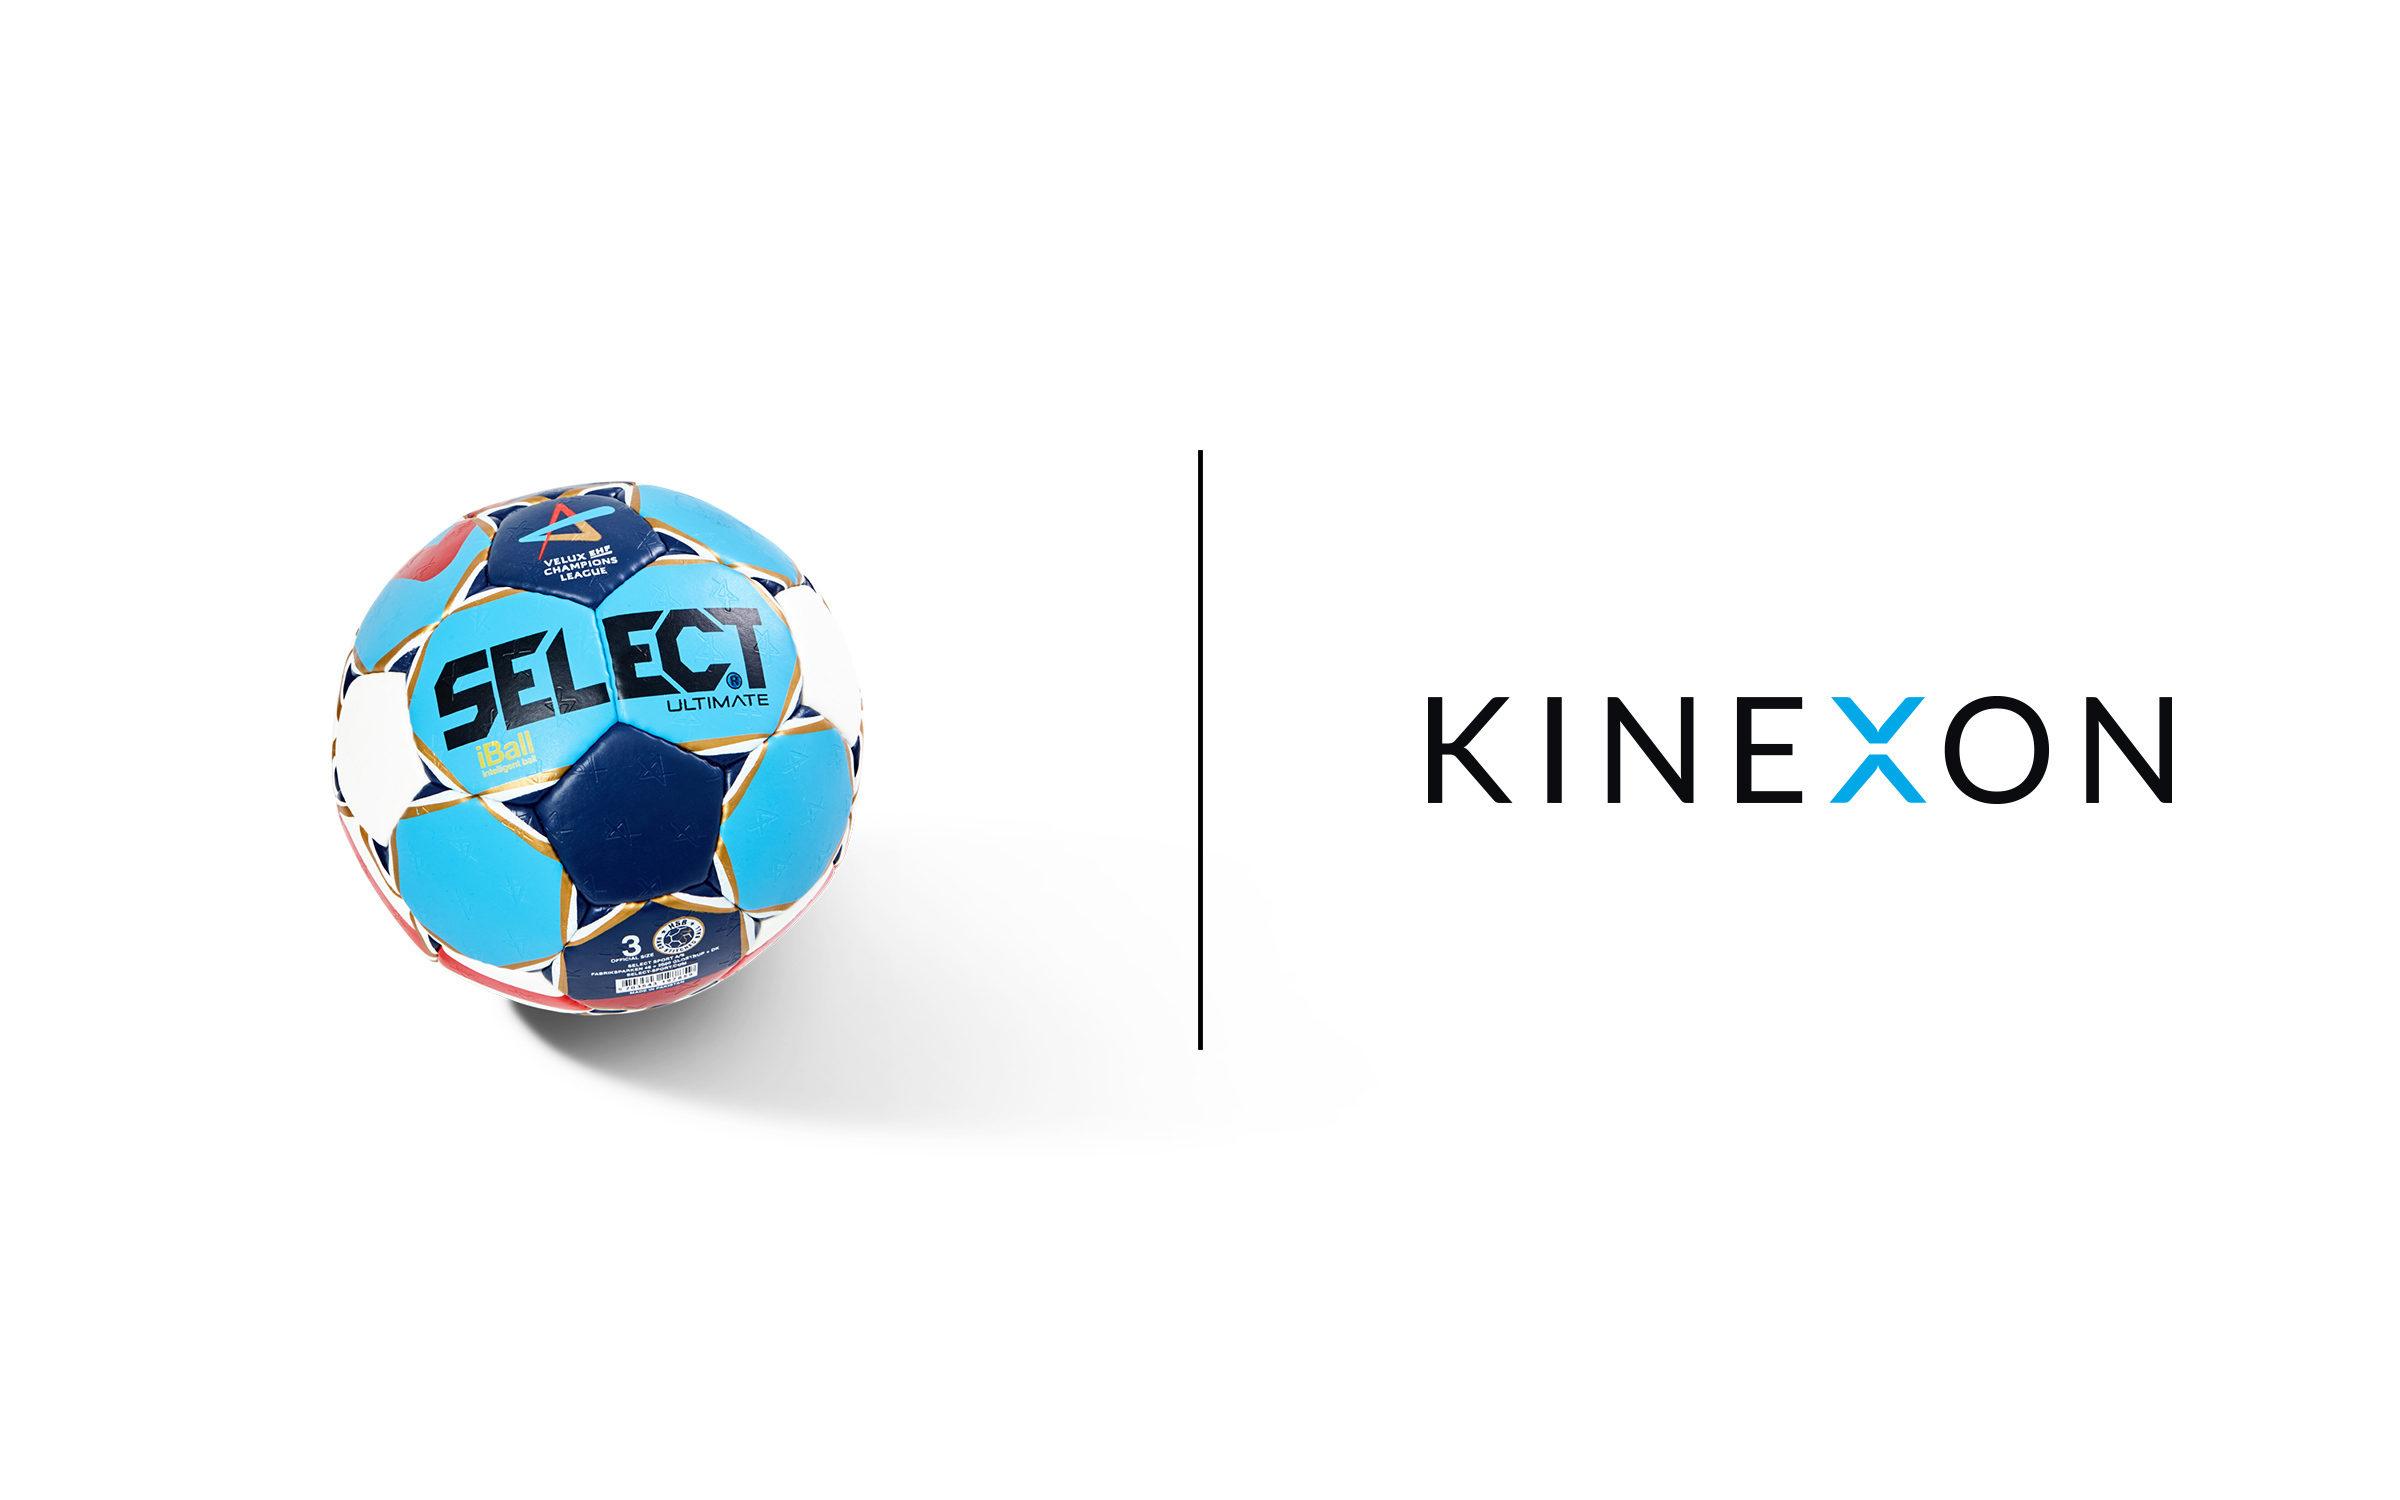 KINEXON_Select